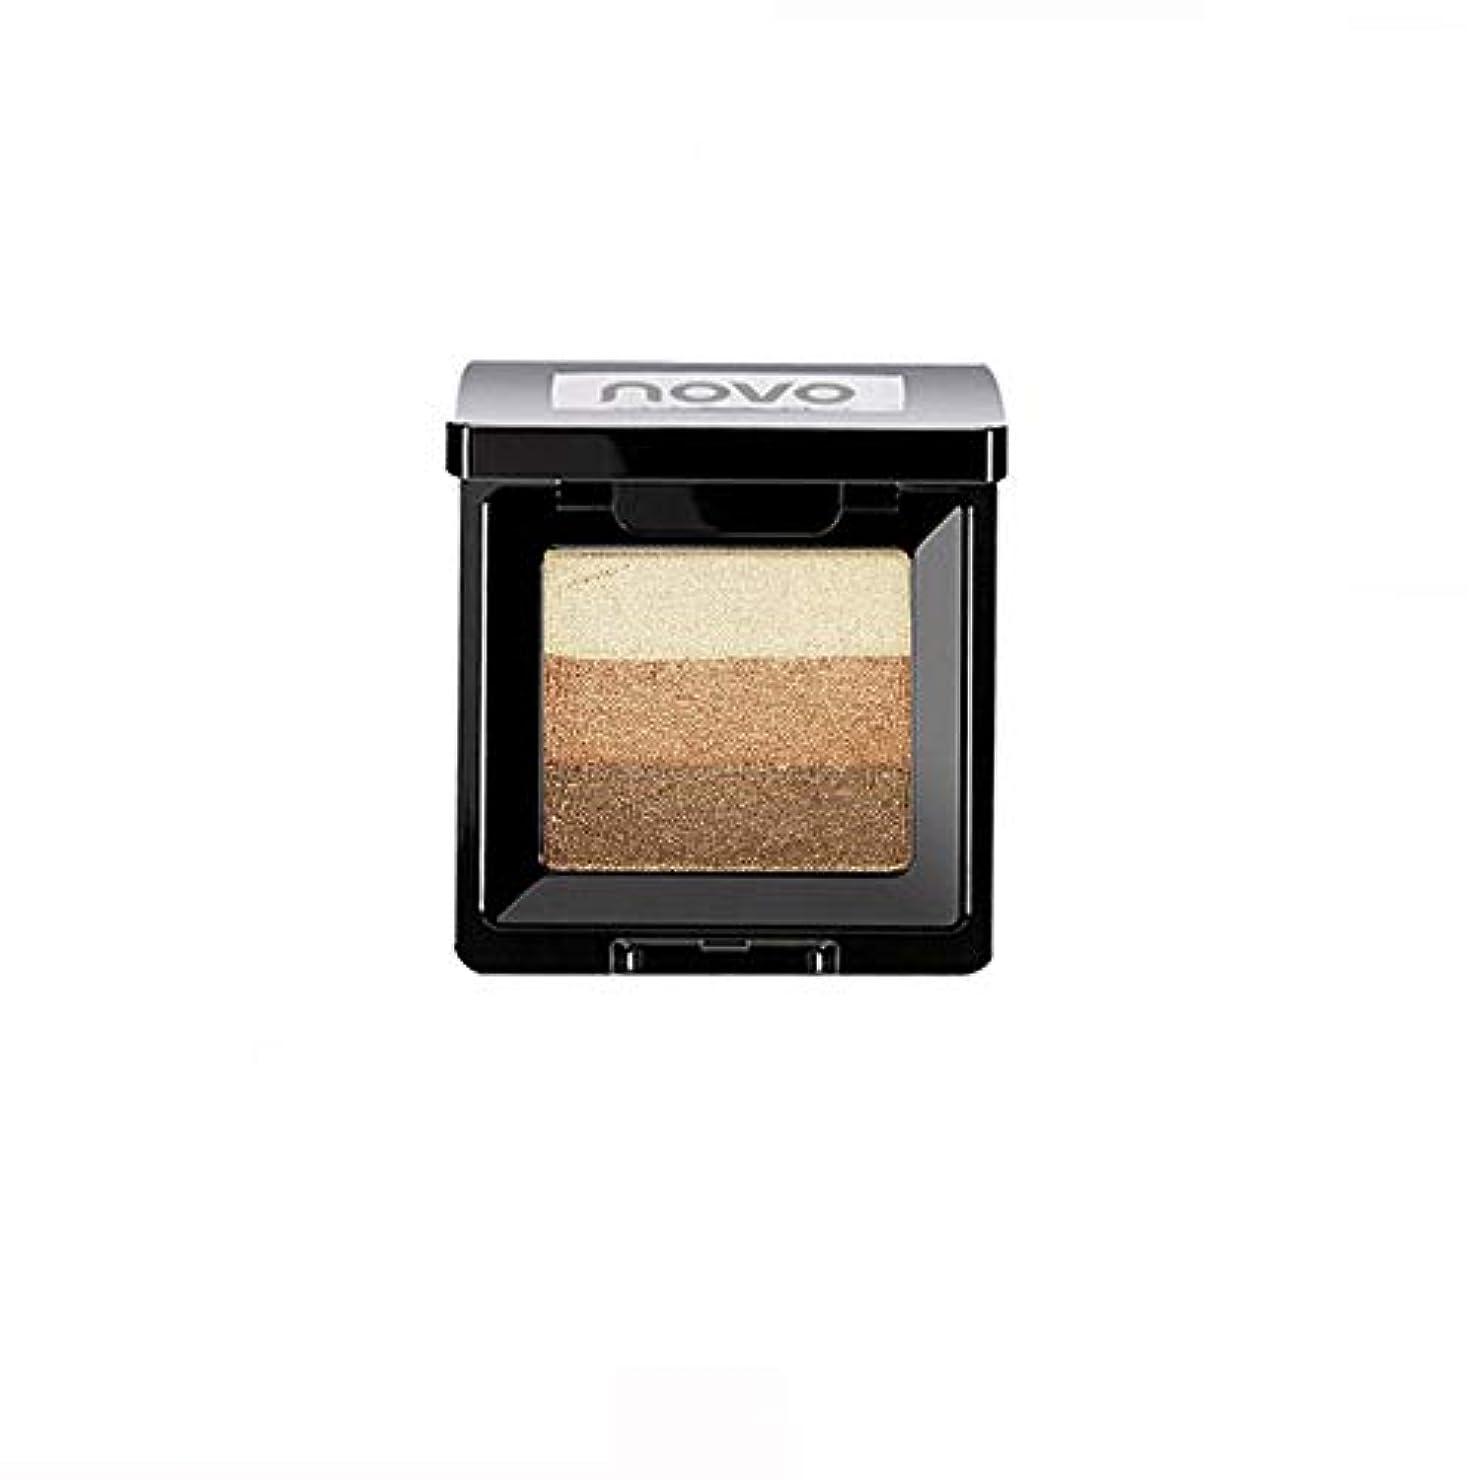 玉ねぎ呼び起こす目覚めるAkane アイシャドウパレット NOVO ファッション 魅力的 3色 グラデーション 人気 綺麗 マット チャーム つや消し 真珠光沢 長持ち おしゃれ 持ち便利 Eye Shadow (8種類)